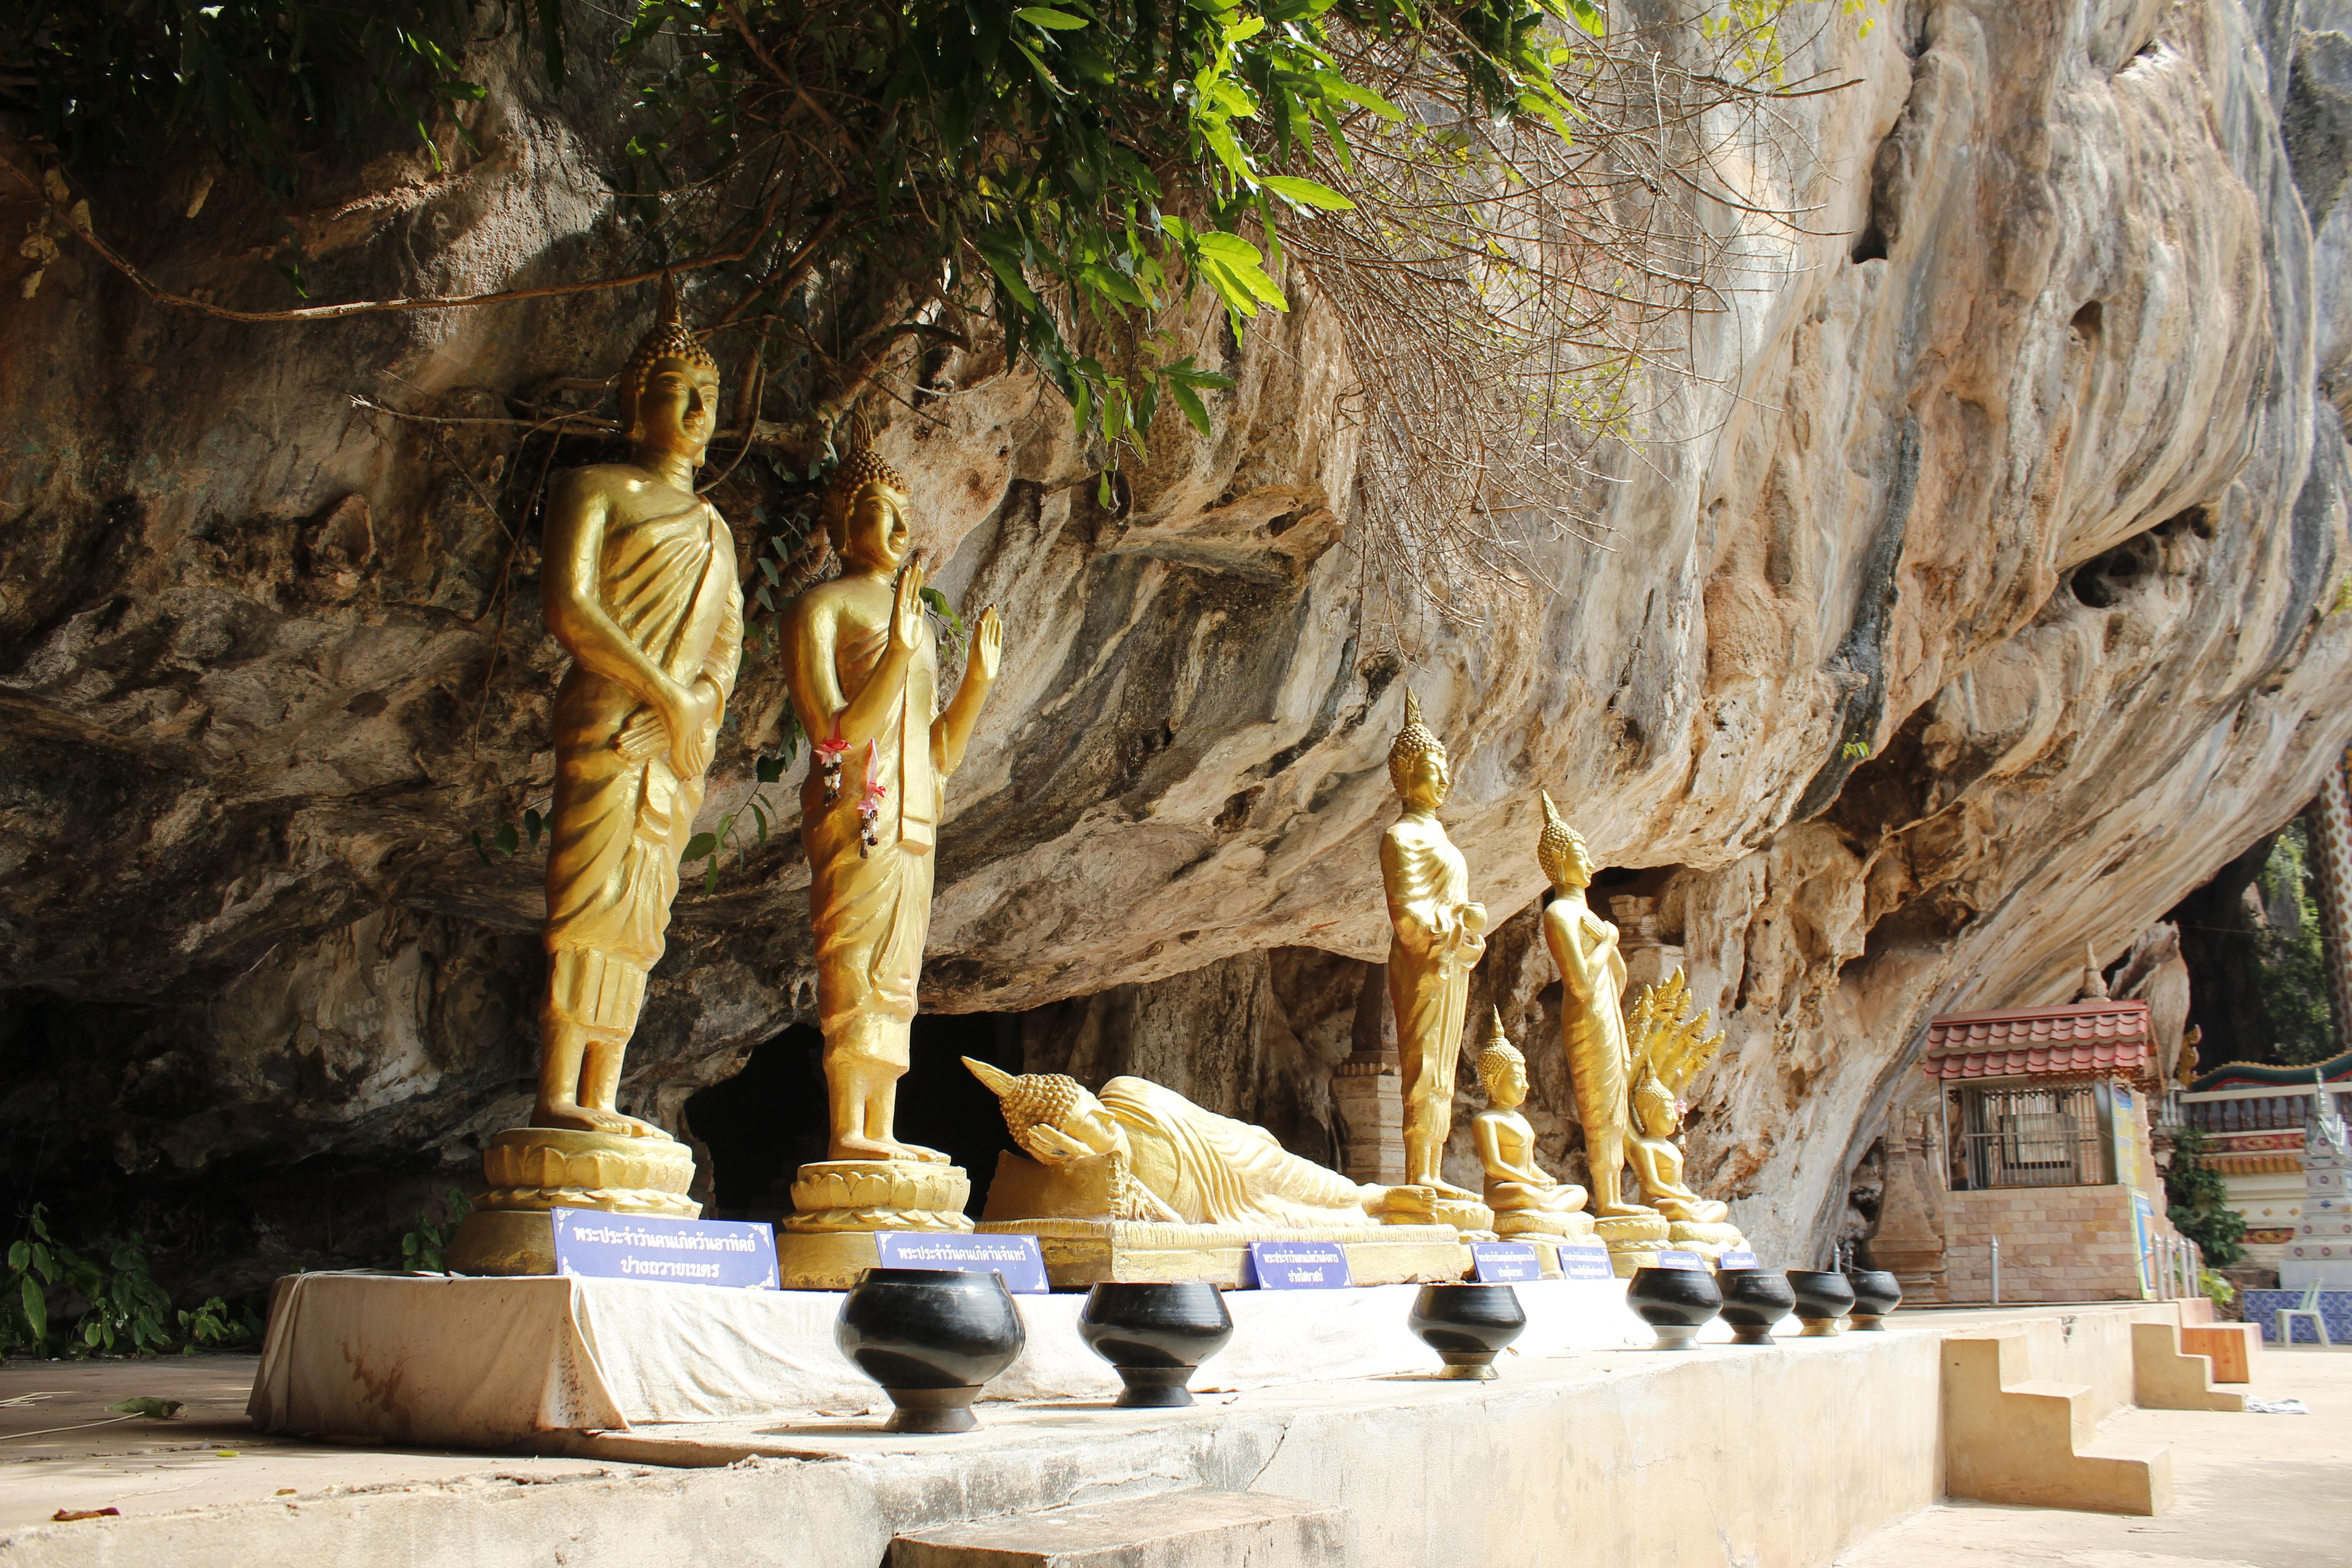 พระประจำวันเกิด และมีถ้ำอยู่รอบๆโดยเดินอ้อมดูวิวธรรมชาติสวยตลอดทาง